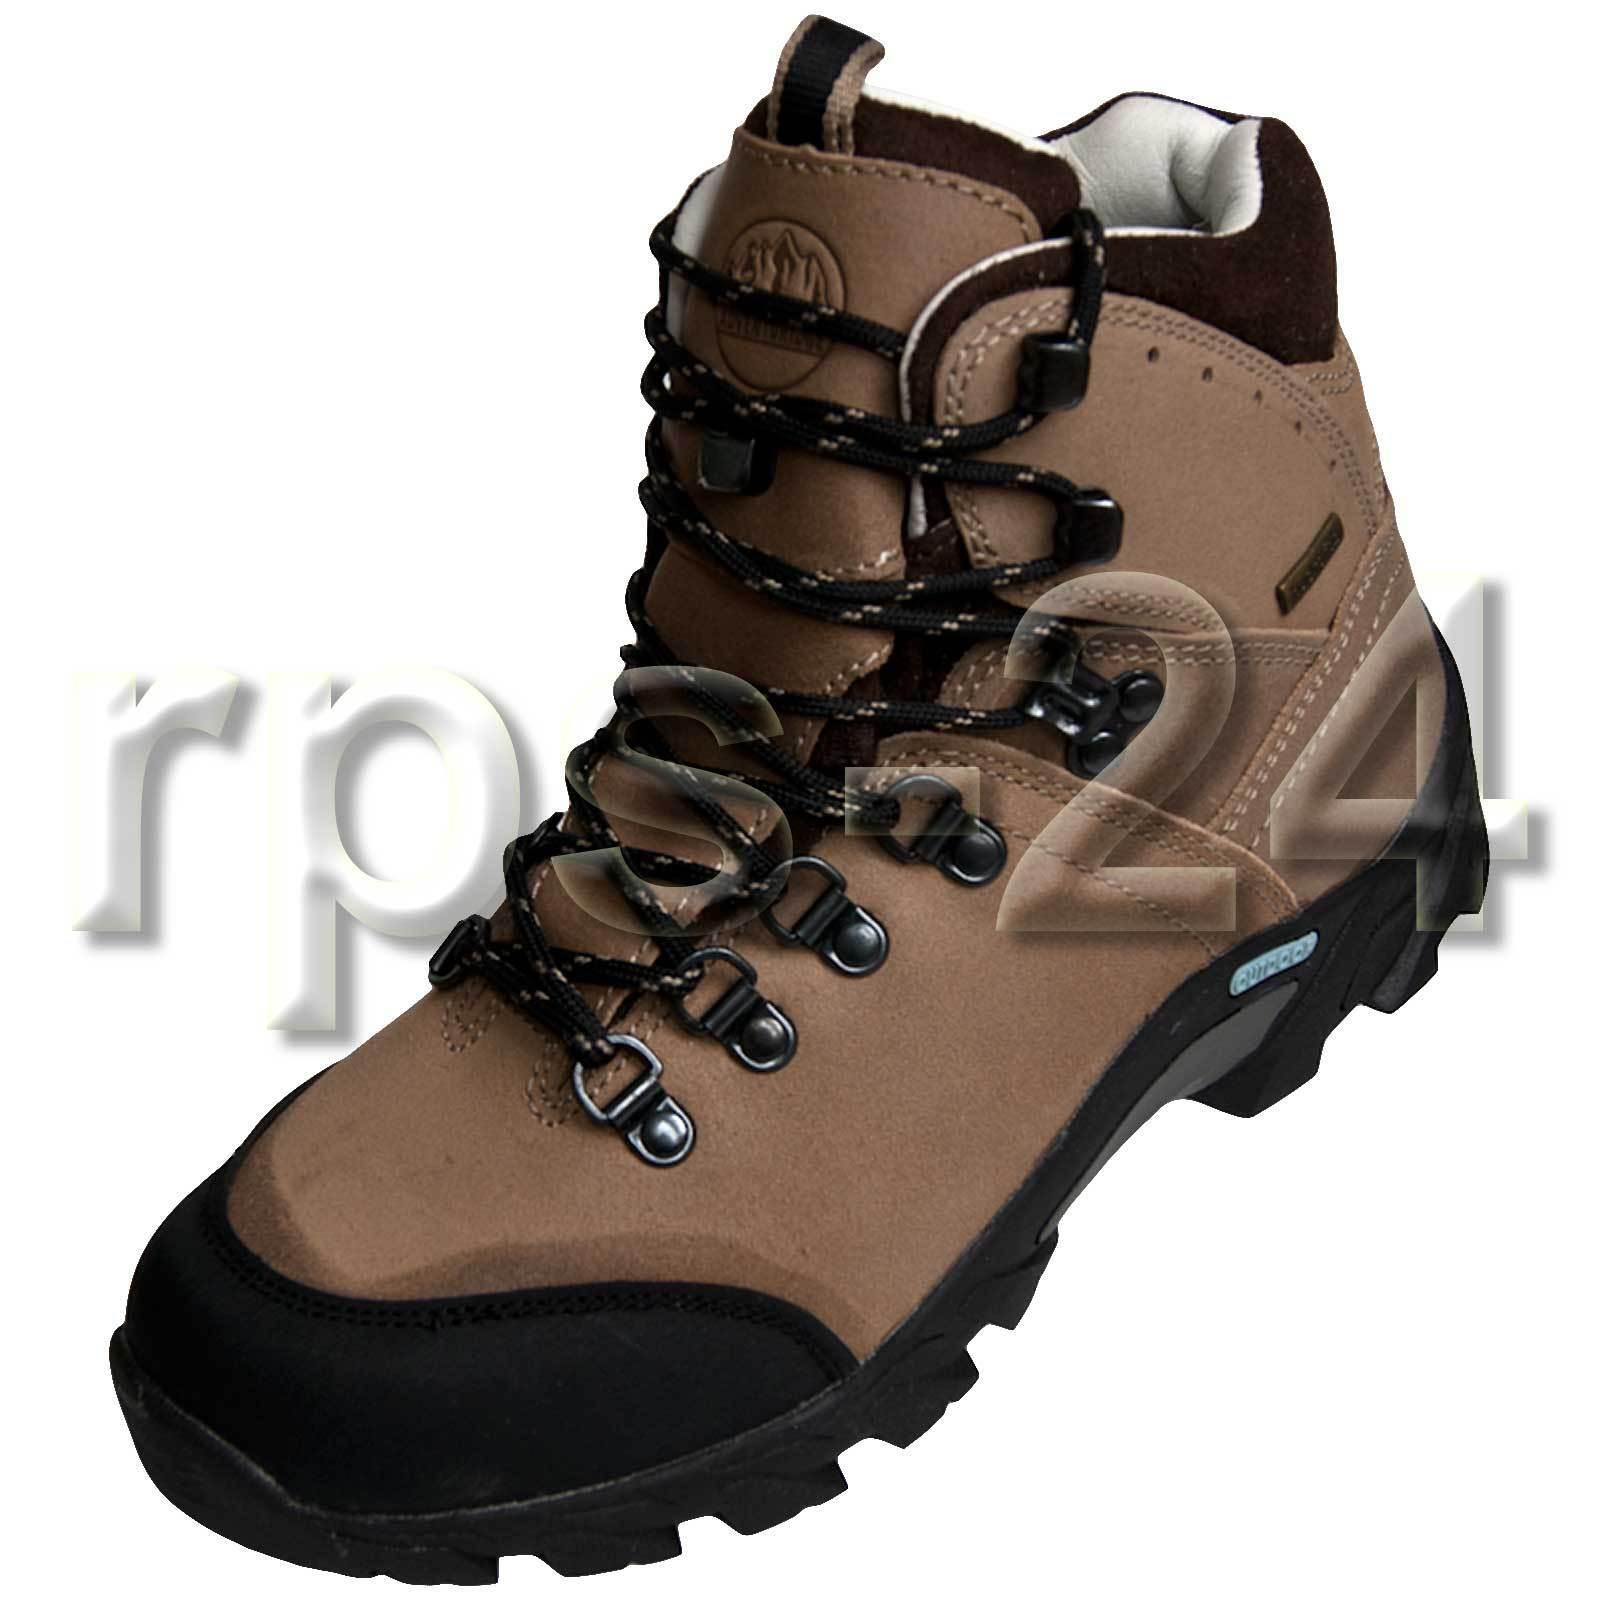 Damen Trekkingstiefel Outdoor Stiefel Wanderstiefel Leder Leder Leder Gr.41 470284